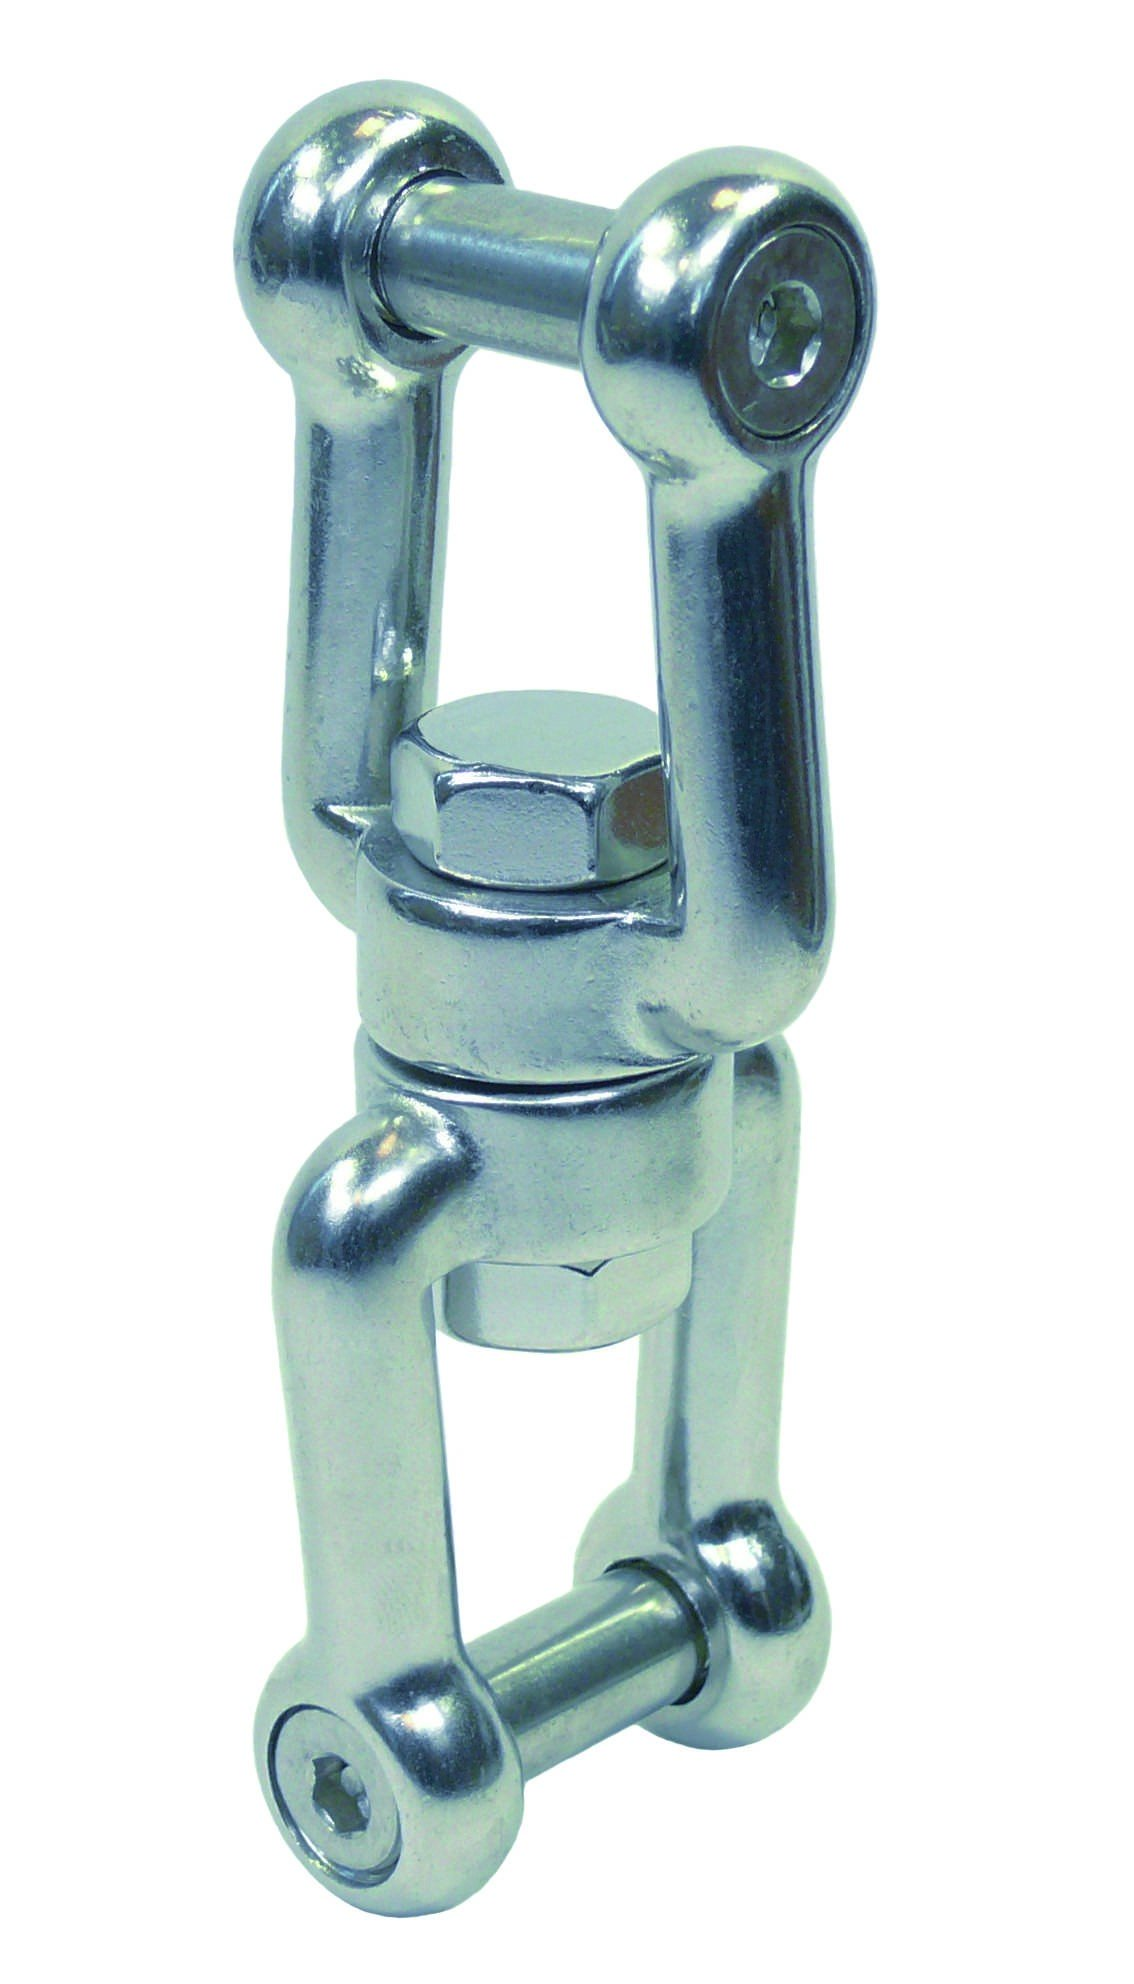 Dubbele wartel  bzk 6mm BL:1350 Kg  RVS A4